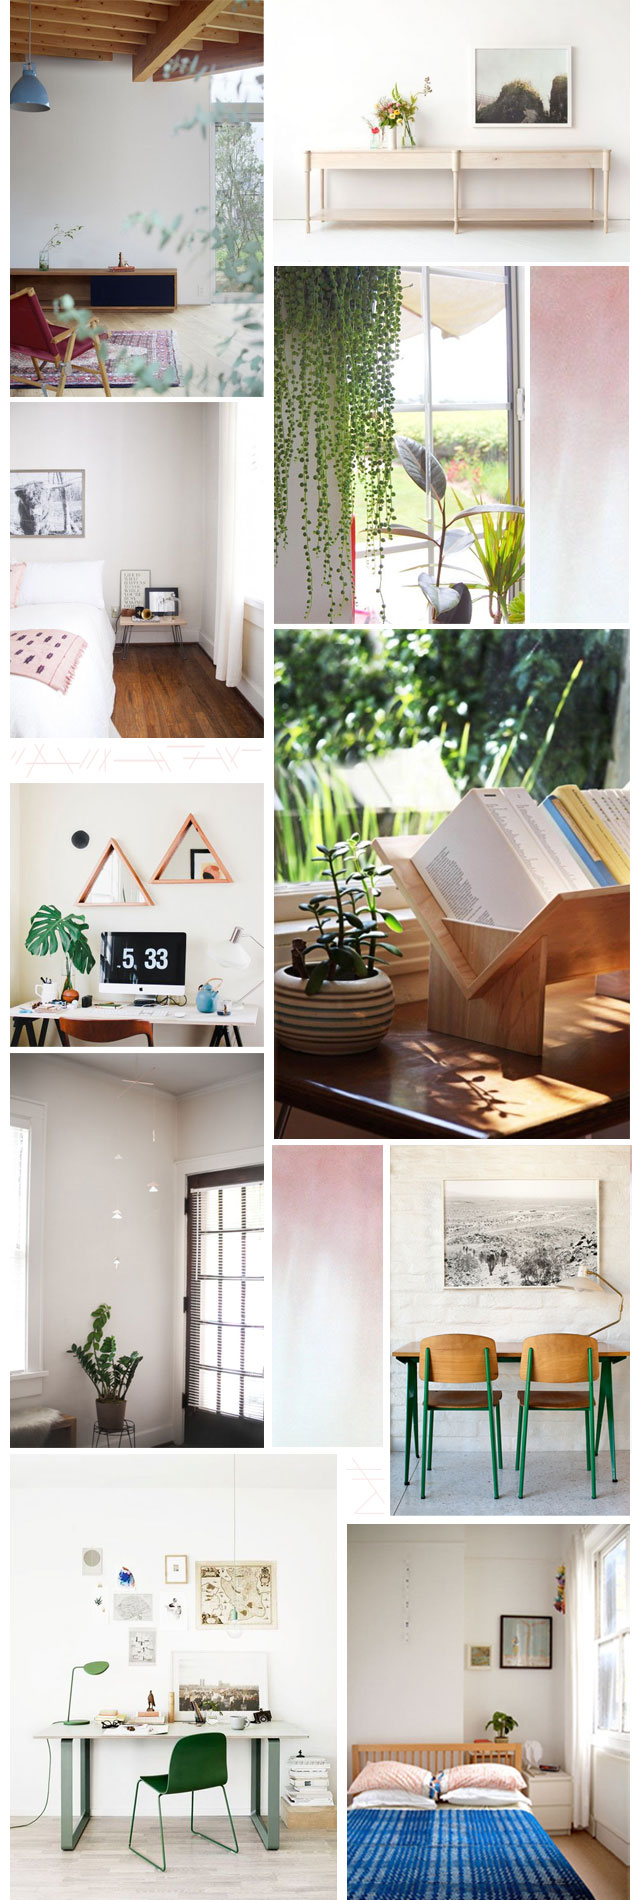 apartmentvisions_sketch